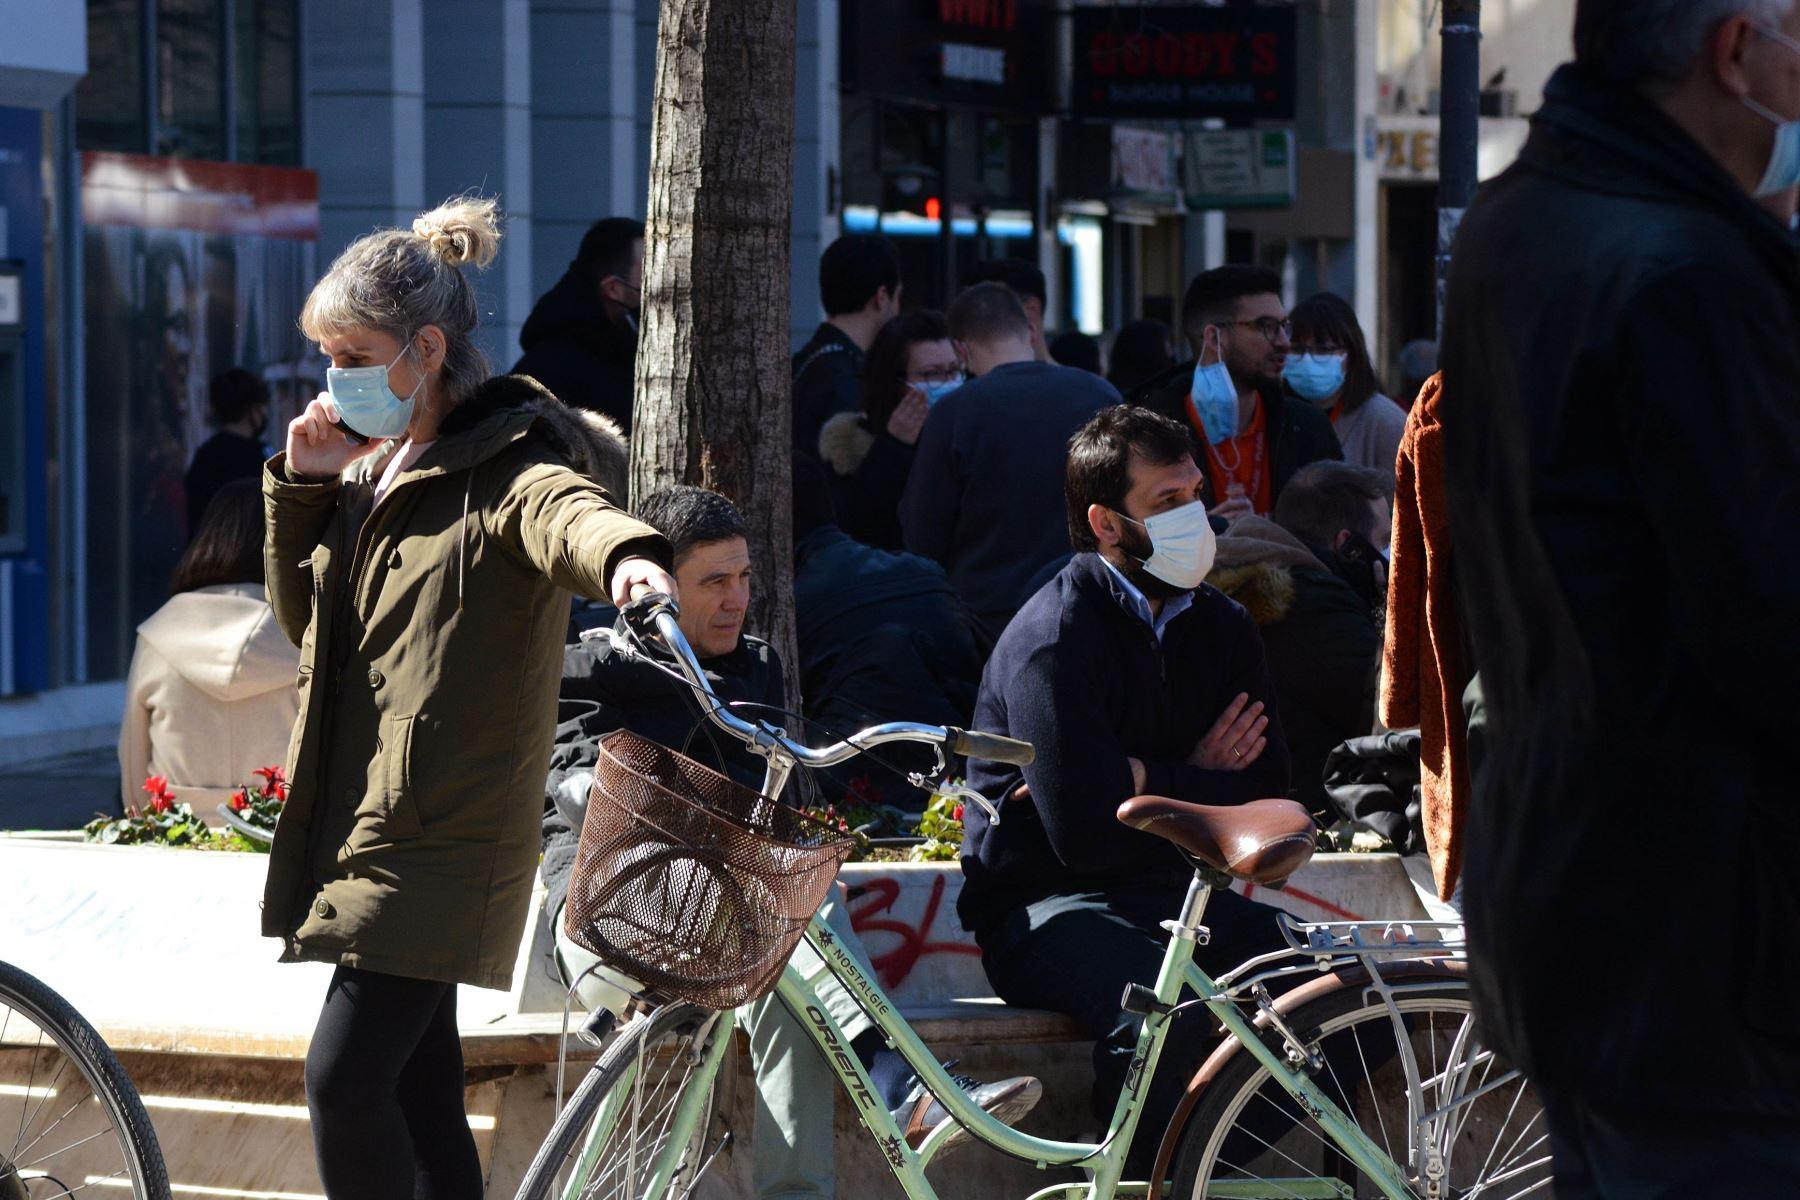 Un sismo de intensidad 6,3, se registró cerca de la ciudad griega de Larisa, cuyos habitantes salieron a la calle asustados por el temblor, informaron medios locales. Foto:  EFE